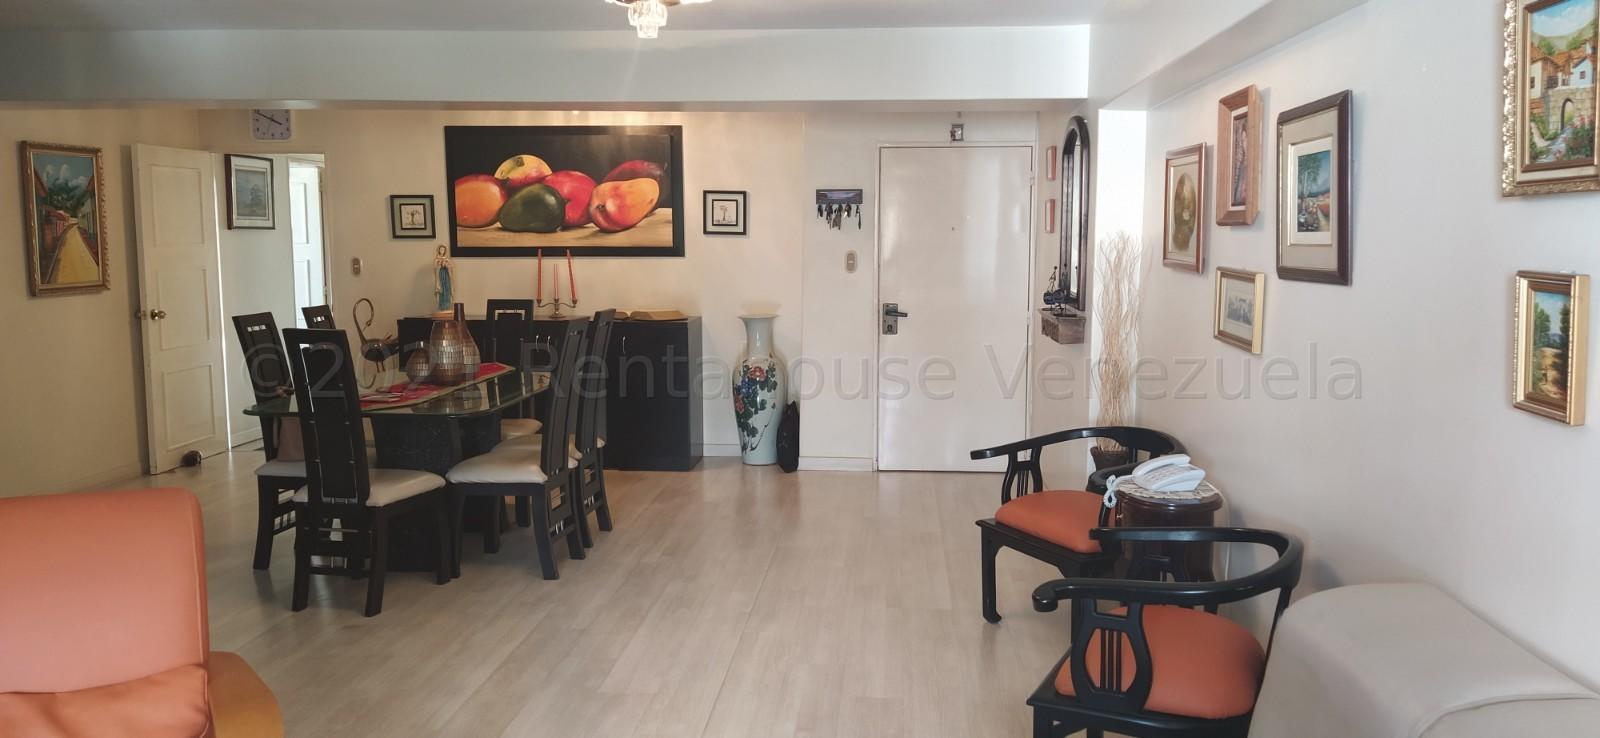 Apartamento Distrito Metropolitano>Caracas>El Cigarral - Venta:145.000 Precio Referencial - codigo: 21-15055